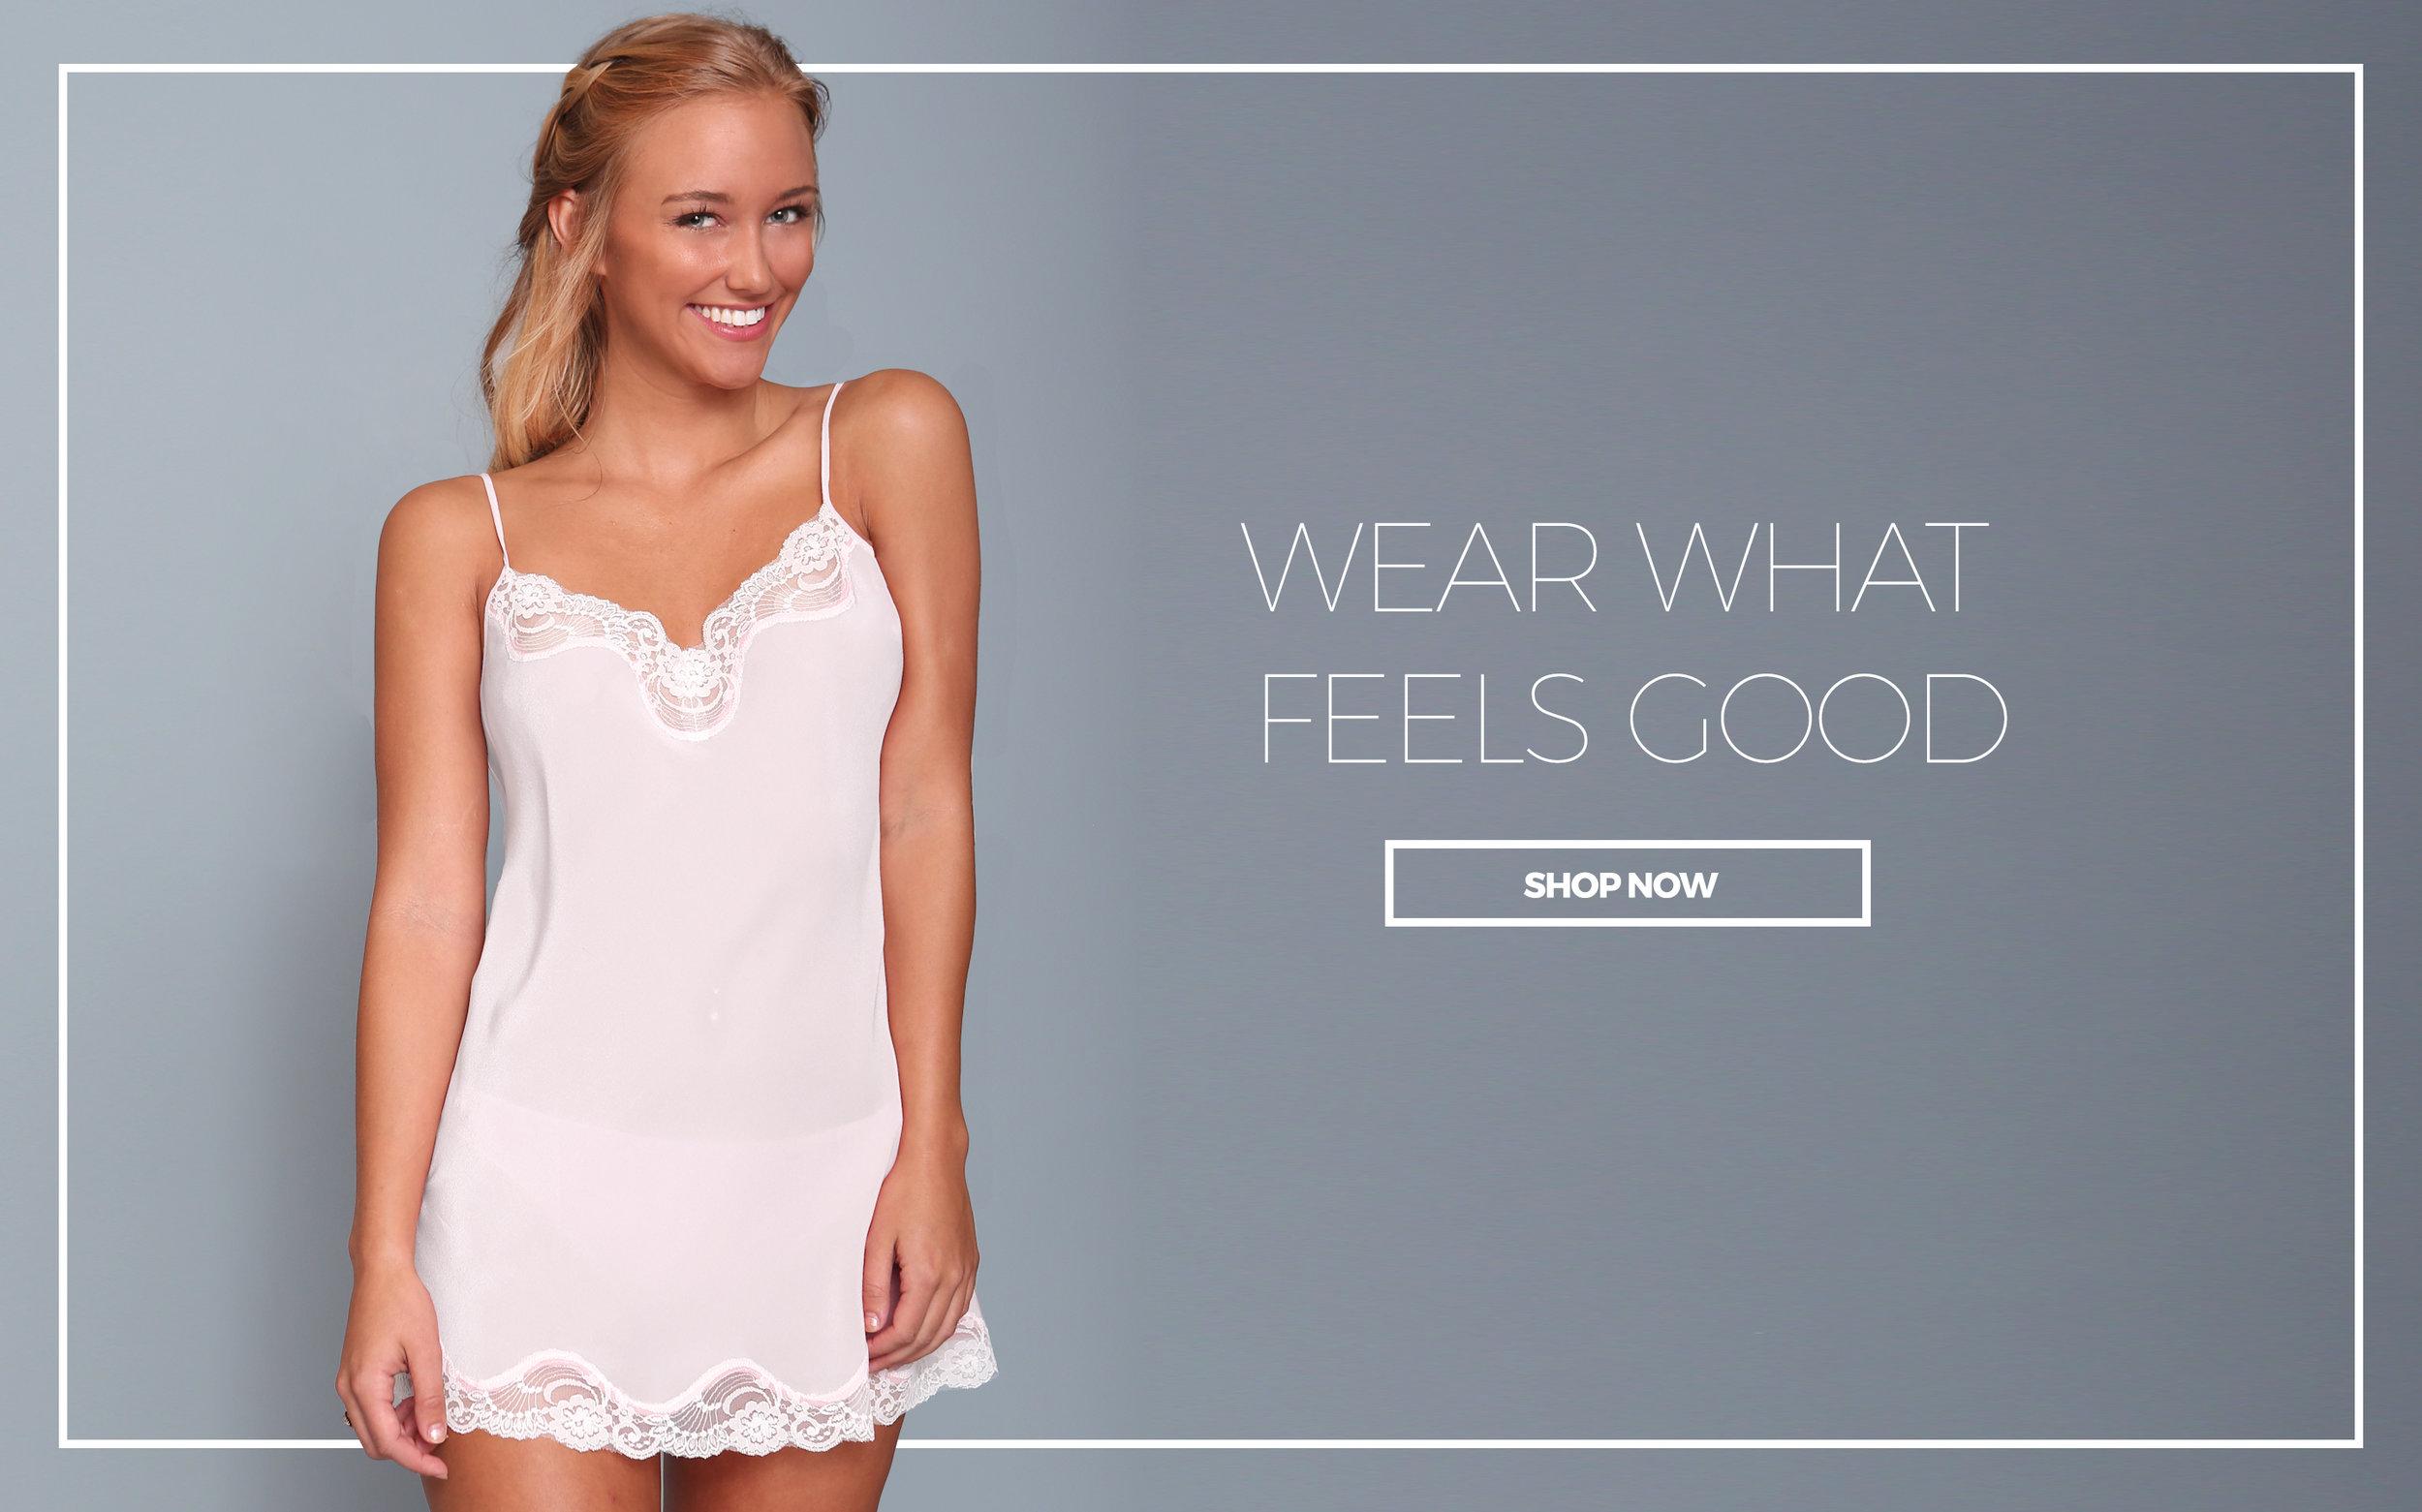 Wear what feels good - SUSETTE Bdoll.jpg